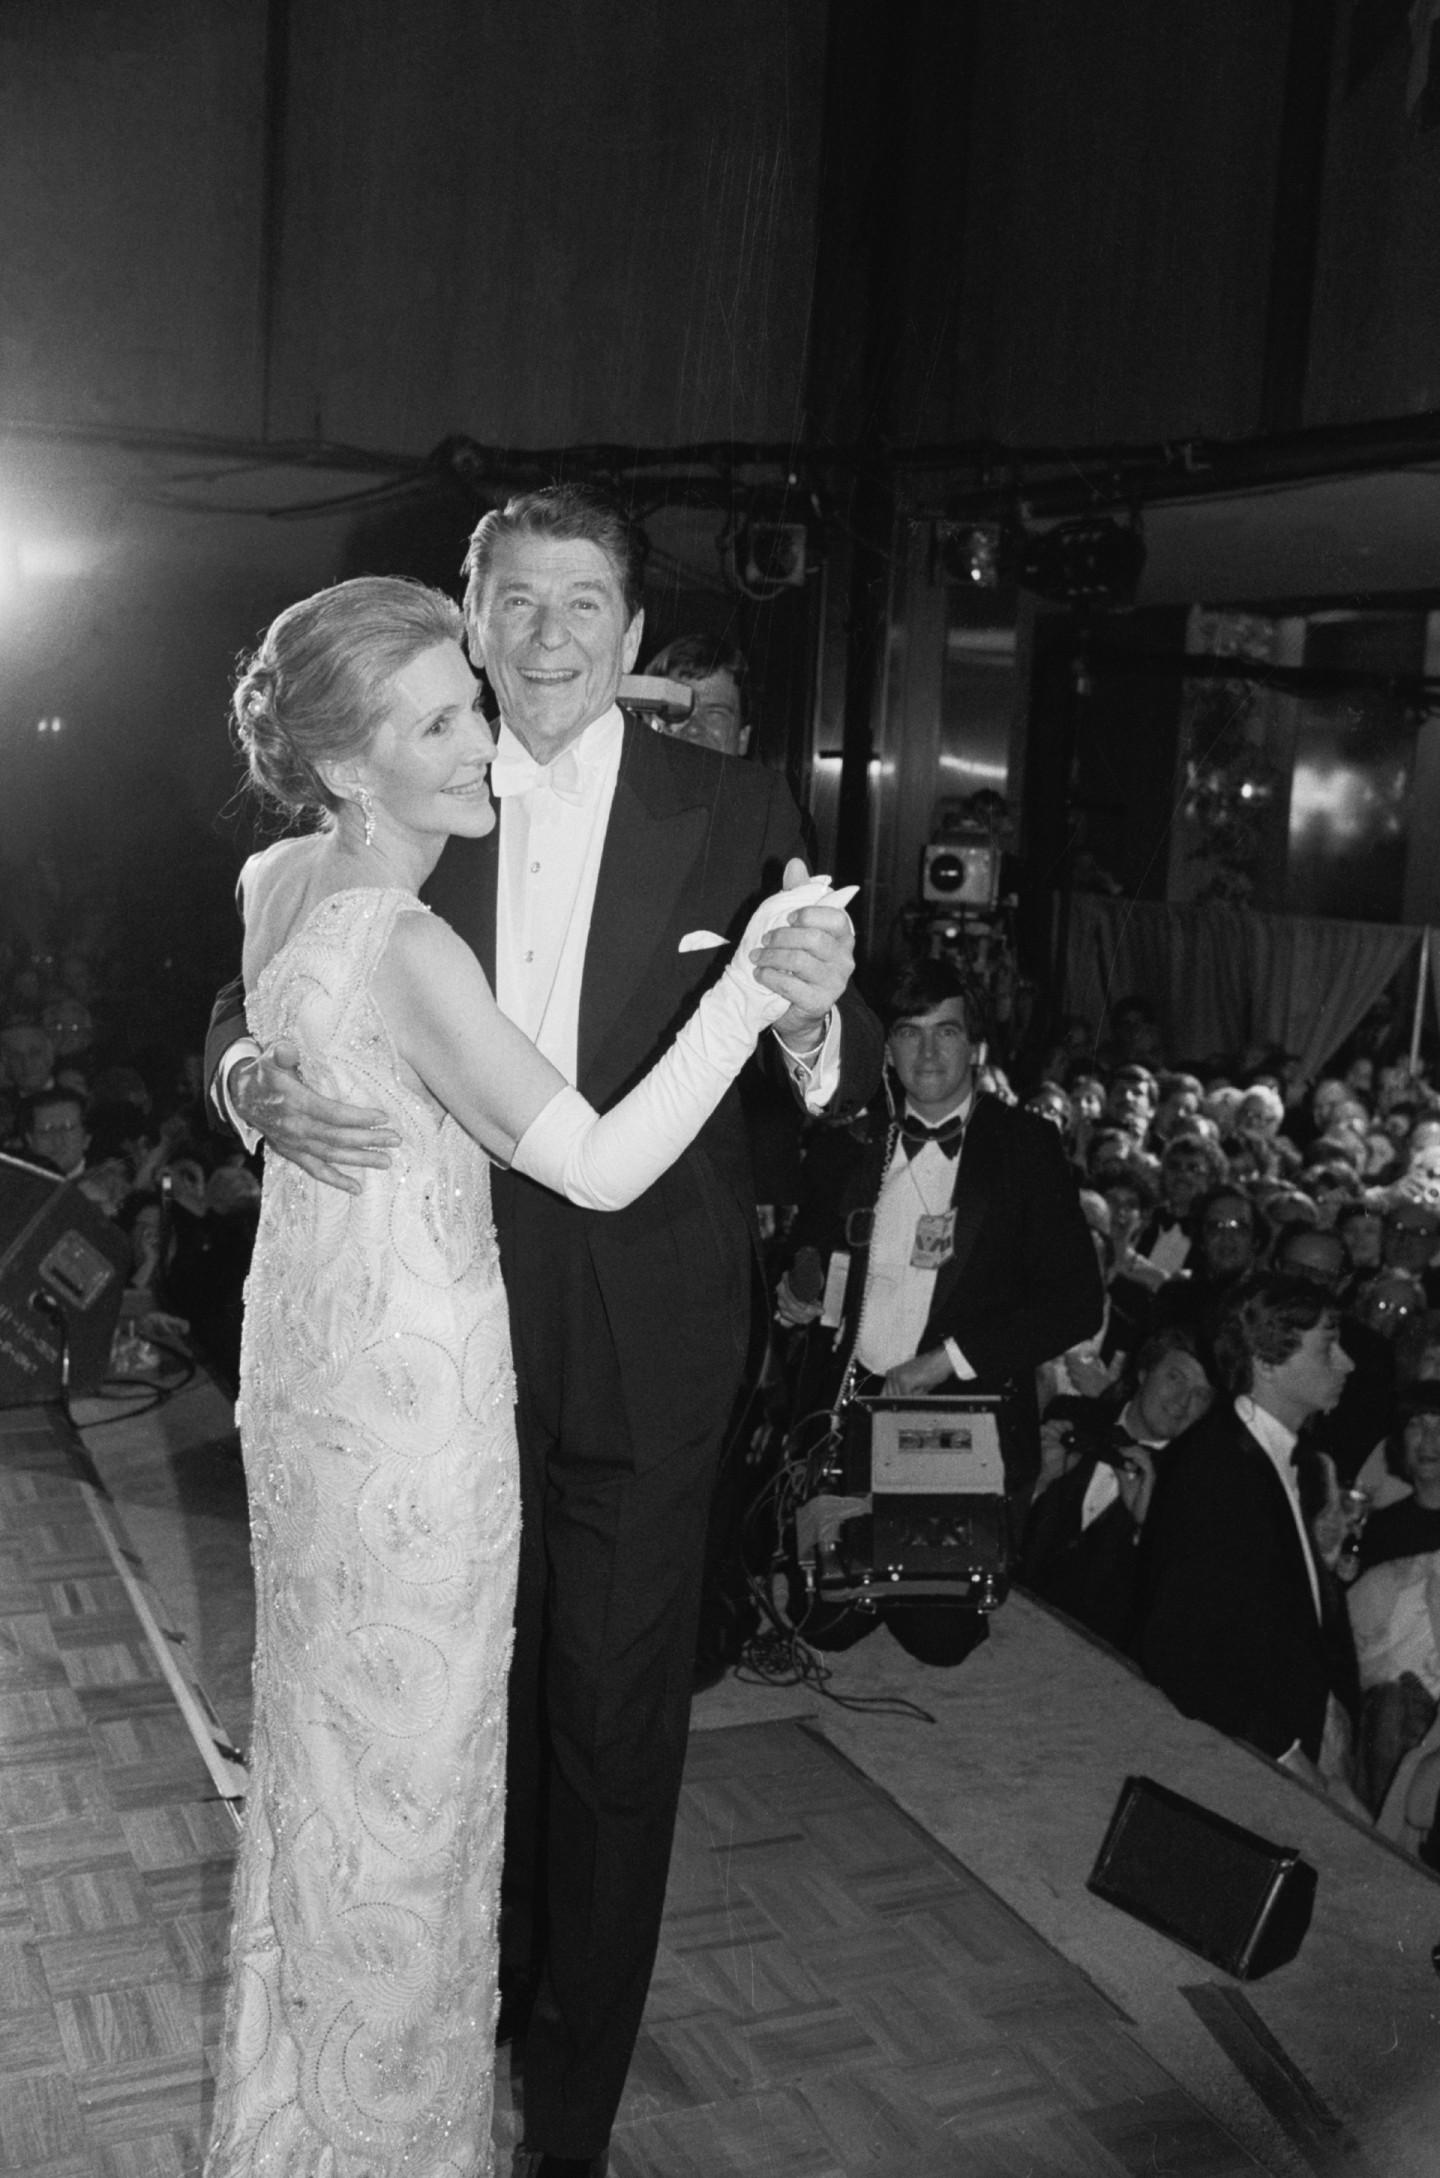 Рональд Рейган и Нэнси Рейган в платье James Galanos, инаугурационный бал, 1981 год